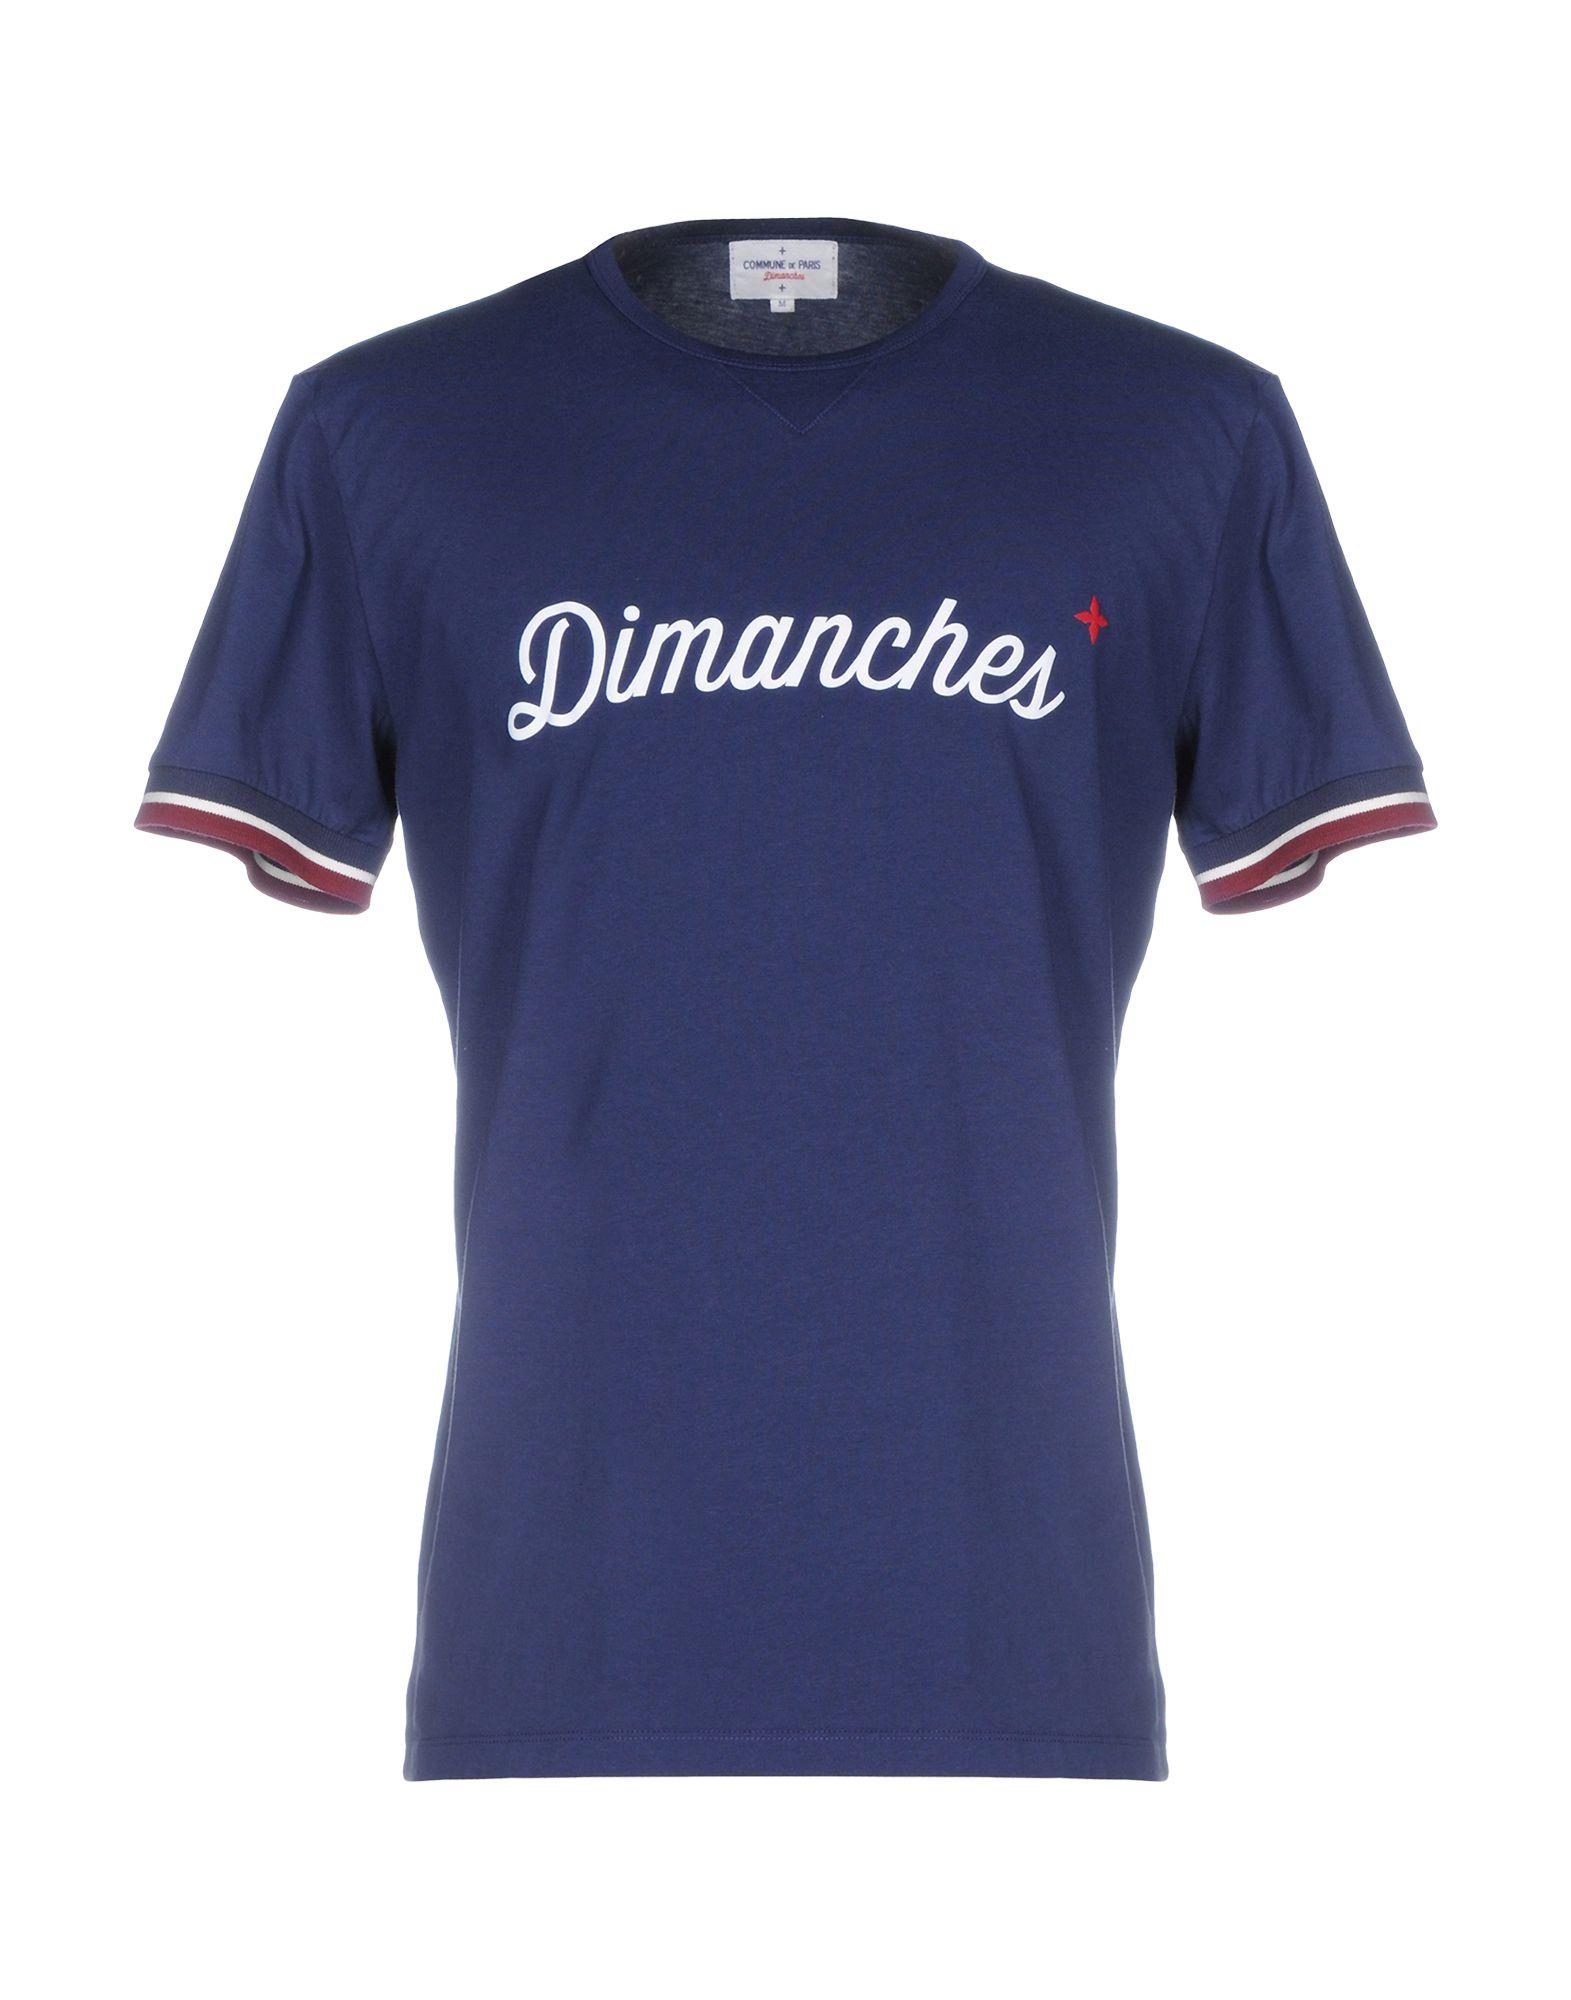 COMMUNE DE PARIS 1871 + DIMANCHES Футболка commune de paris 1871 dimanches джинсовая рубашка